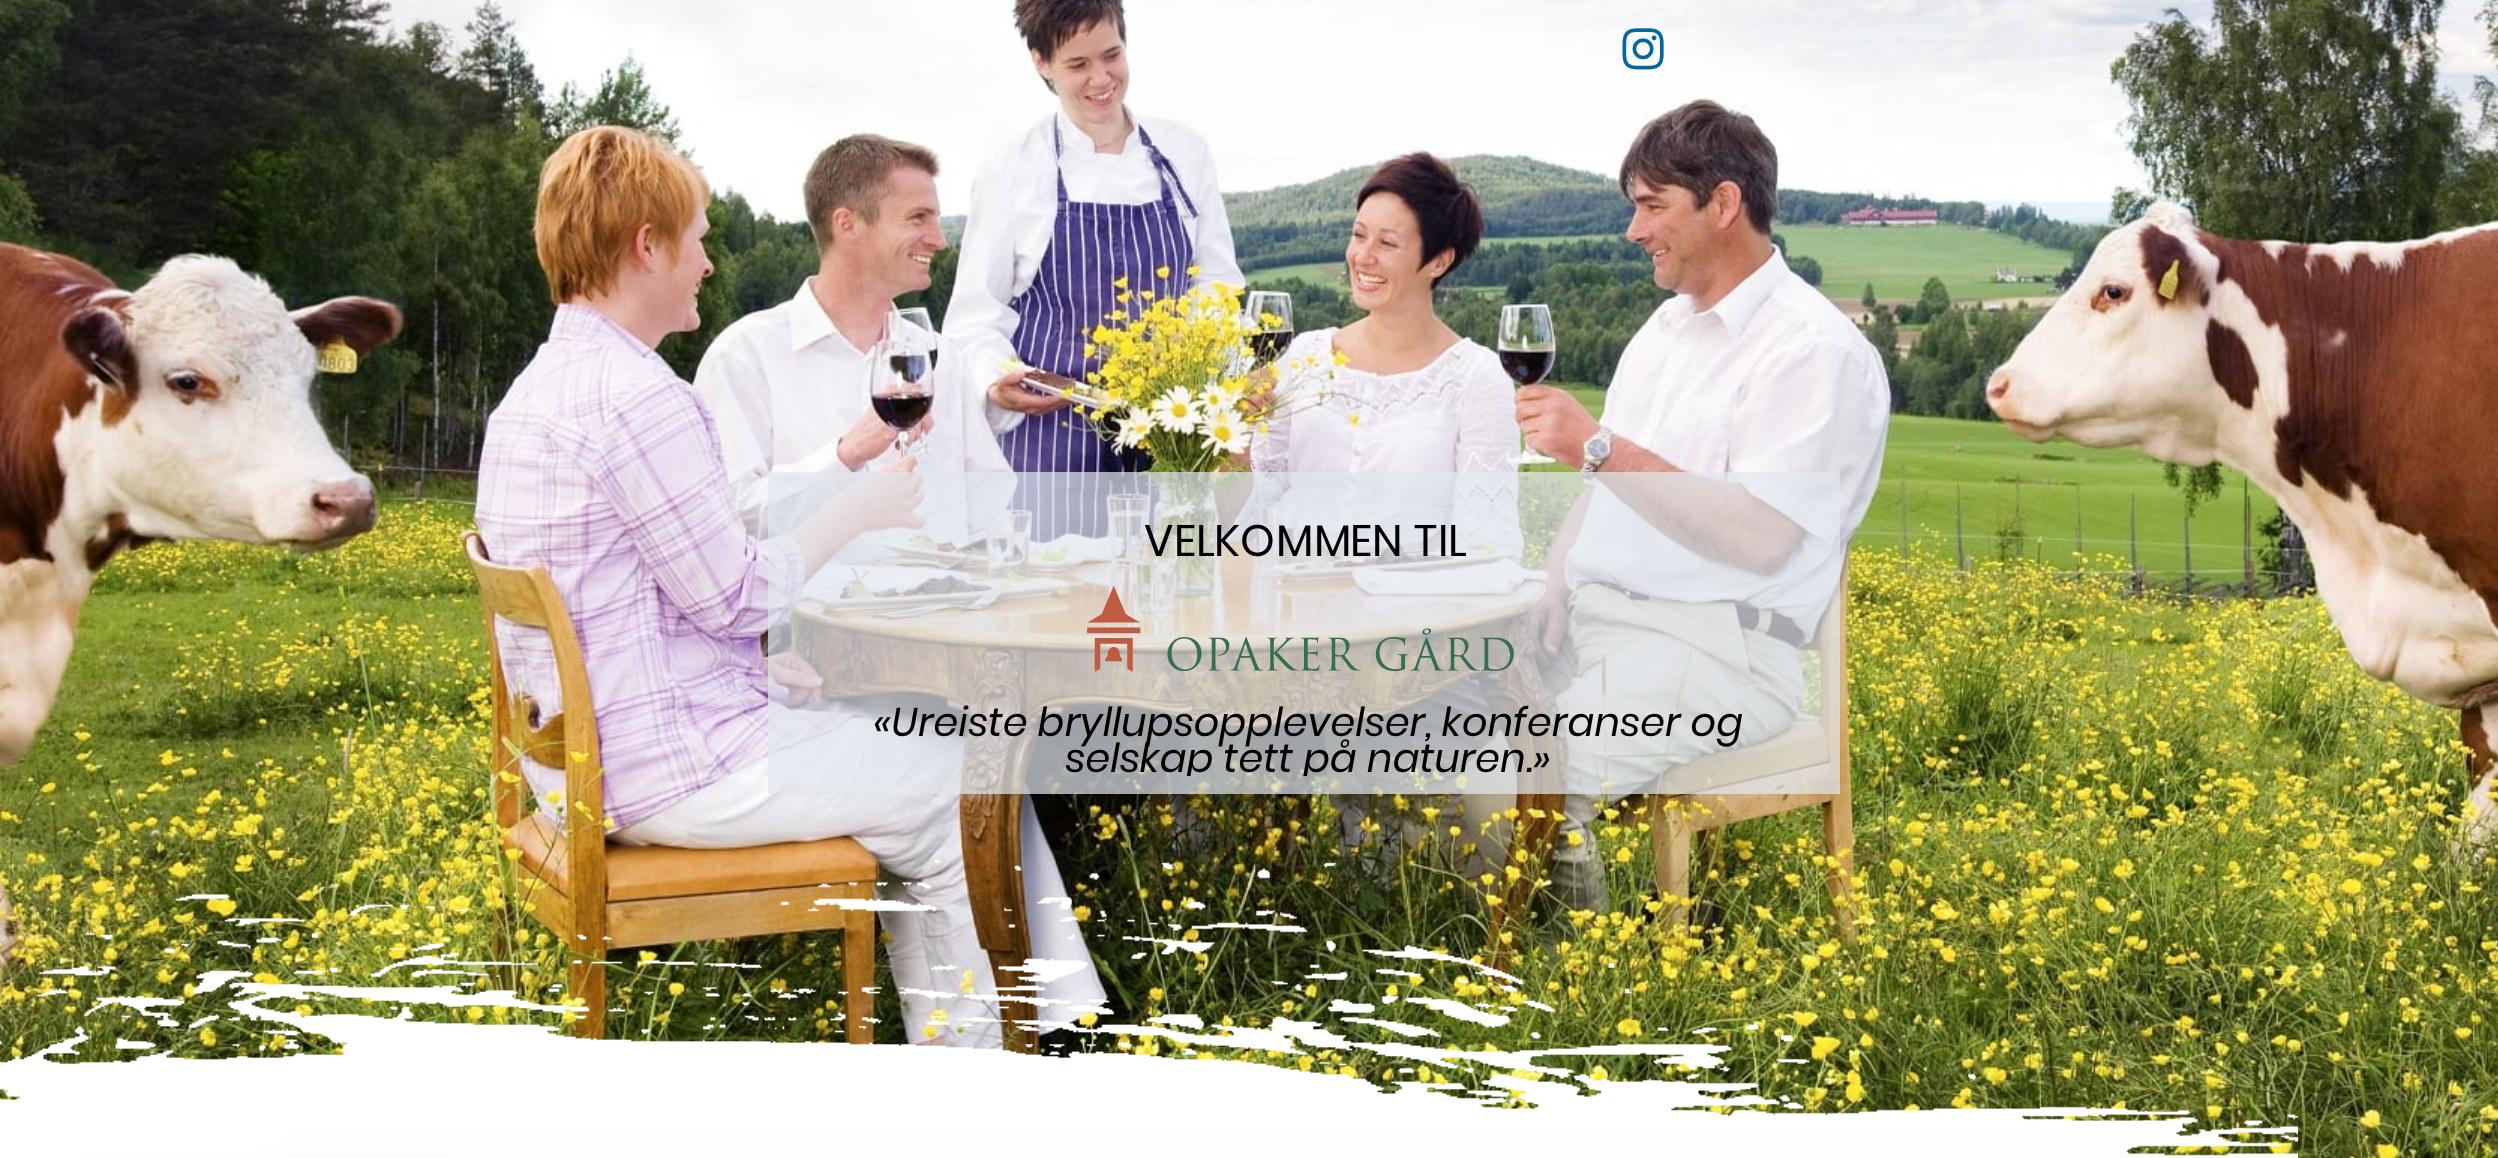 Skjermbilde 2019-08-15 kl. 10.20.11.png